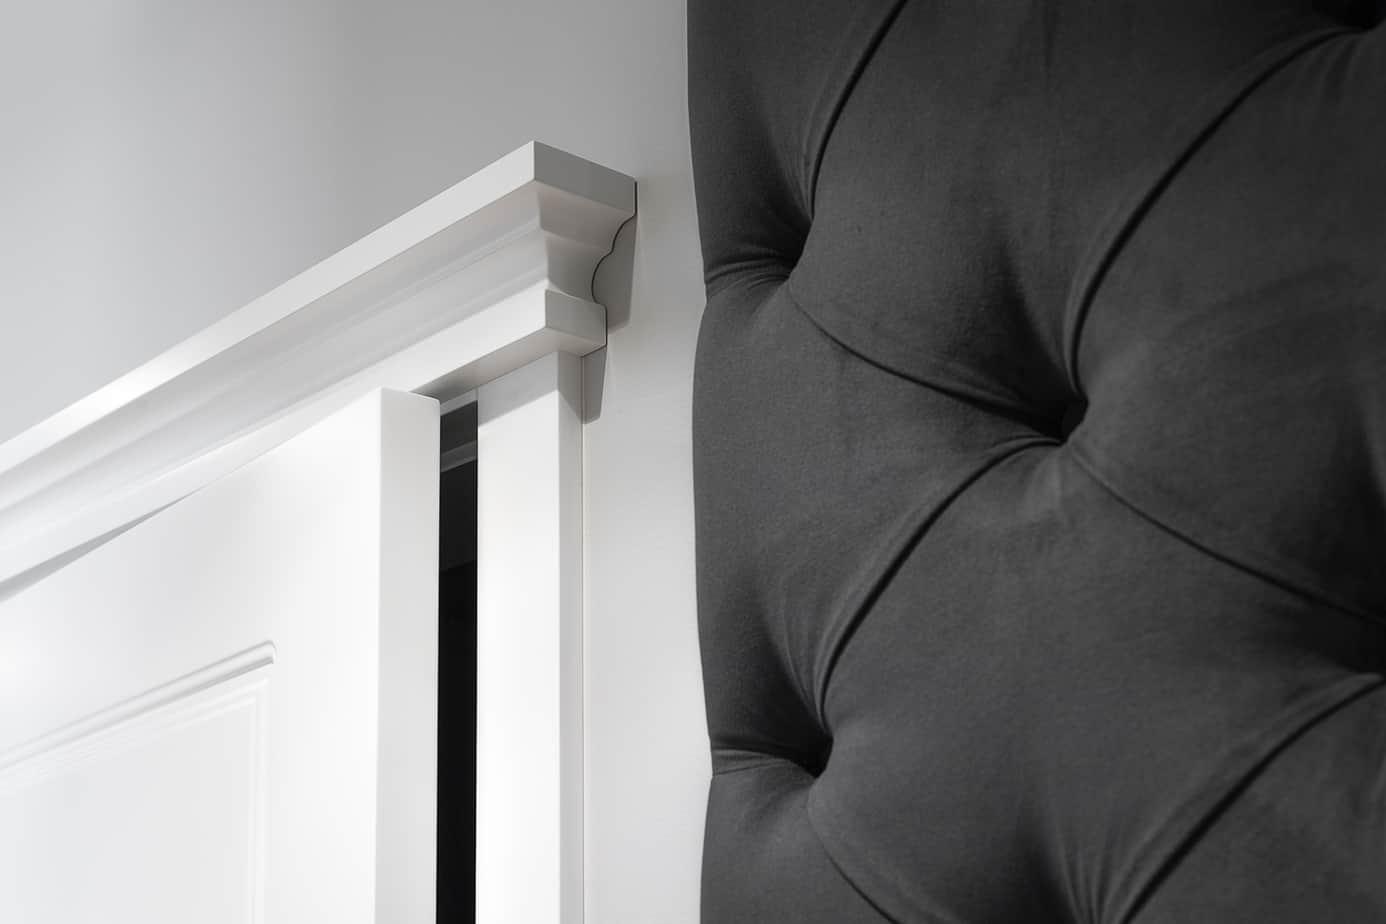 Drzwi klasyczne stylizowane